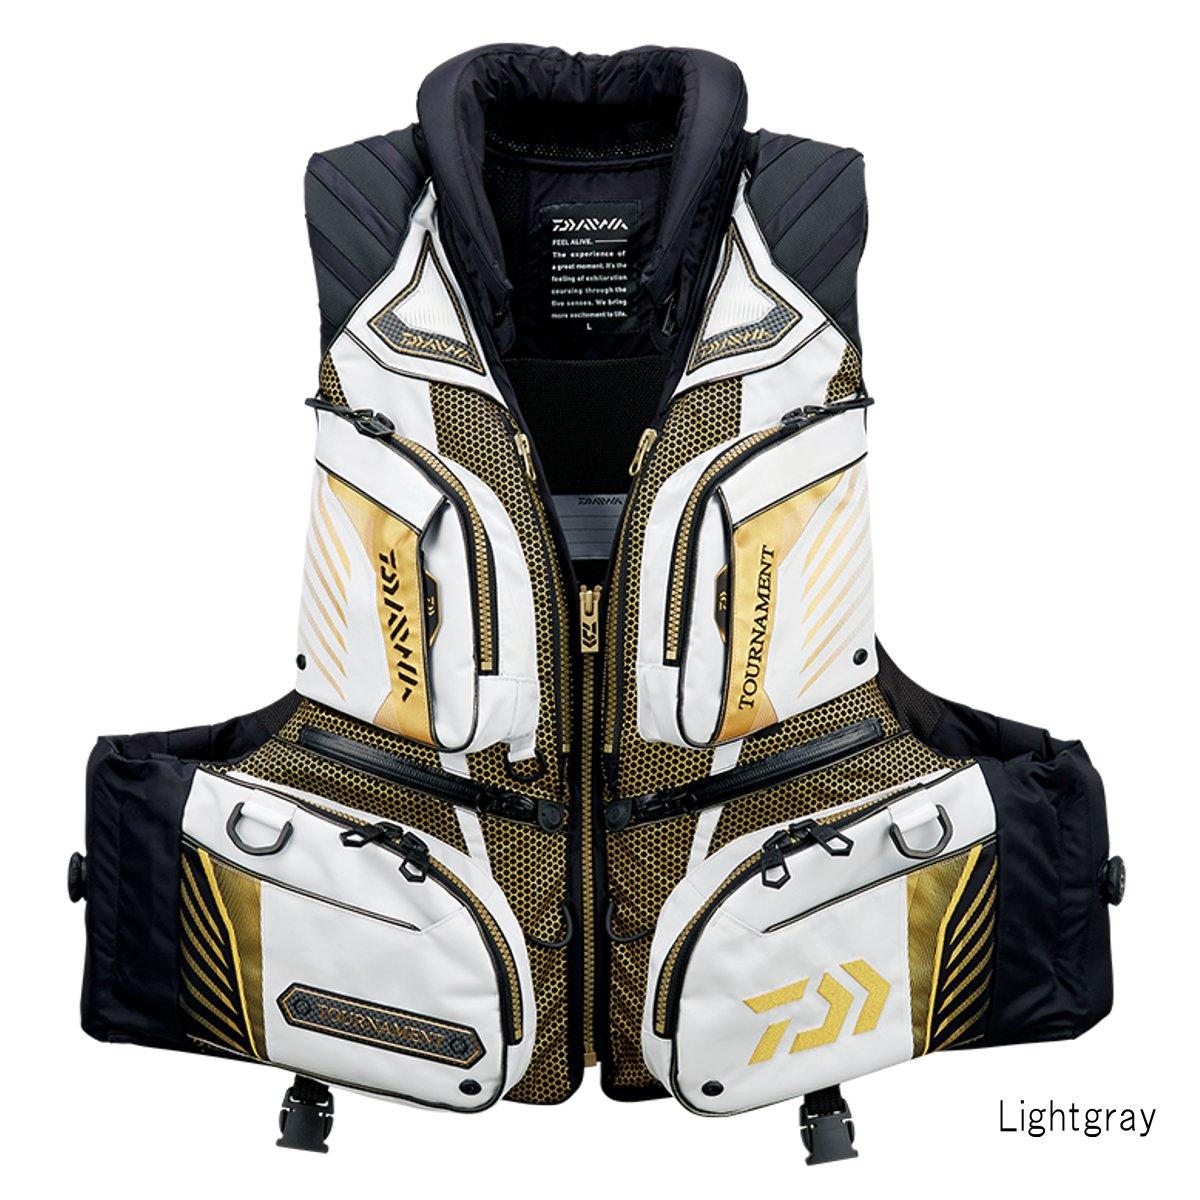 ダイワ トーナメント バリアテック 枕つきサイバーフロート DF-3108T 2XL Lightgray